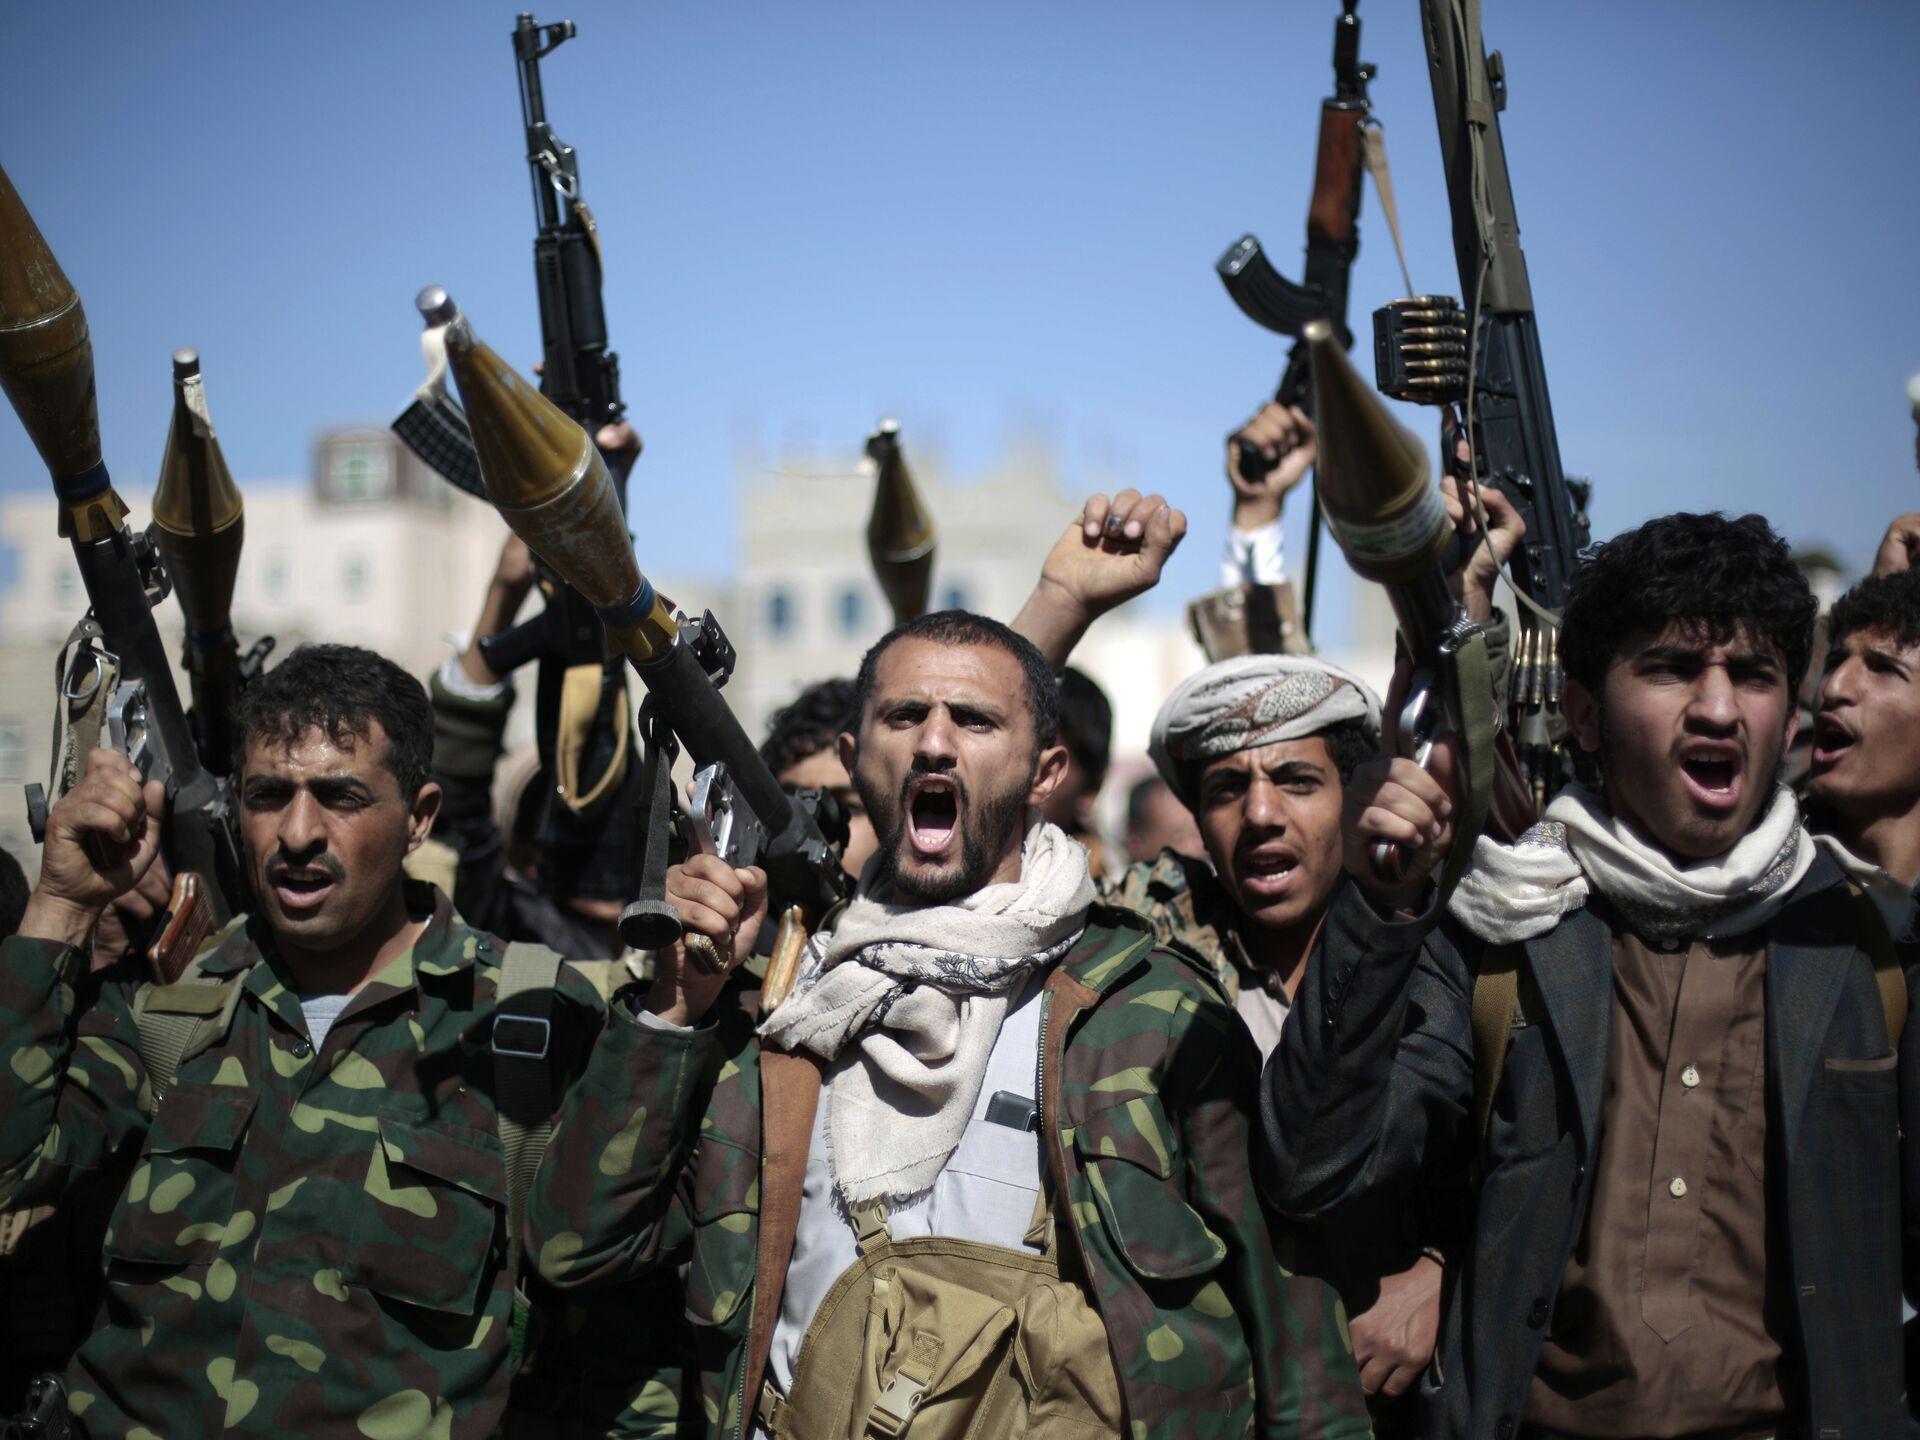 """Enviado de EEUU: apoyo de Irán a los hutíes de Yemen es """"significativo y peligroso"""" - 21.04.2021, Sputnik Mundo"""